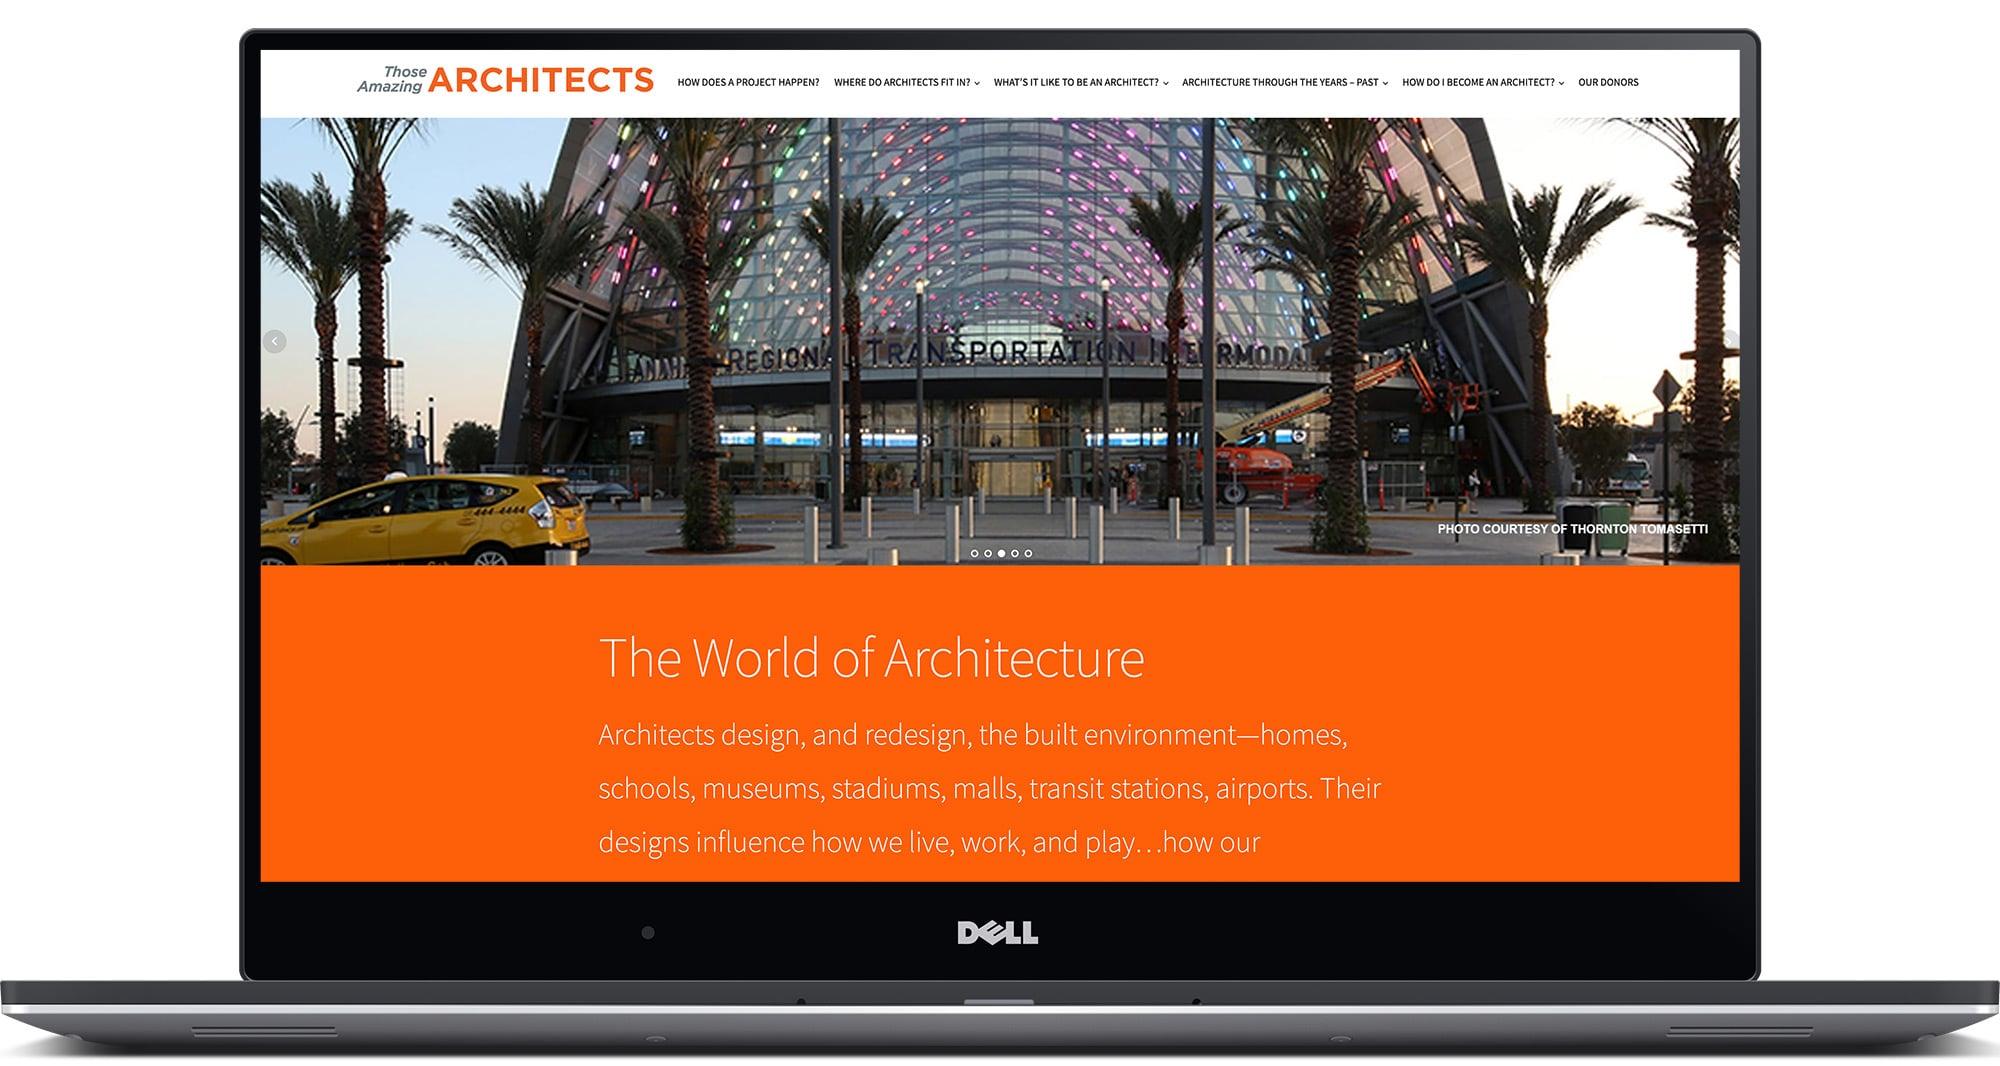 Those Amazing Architects